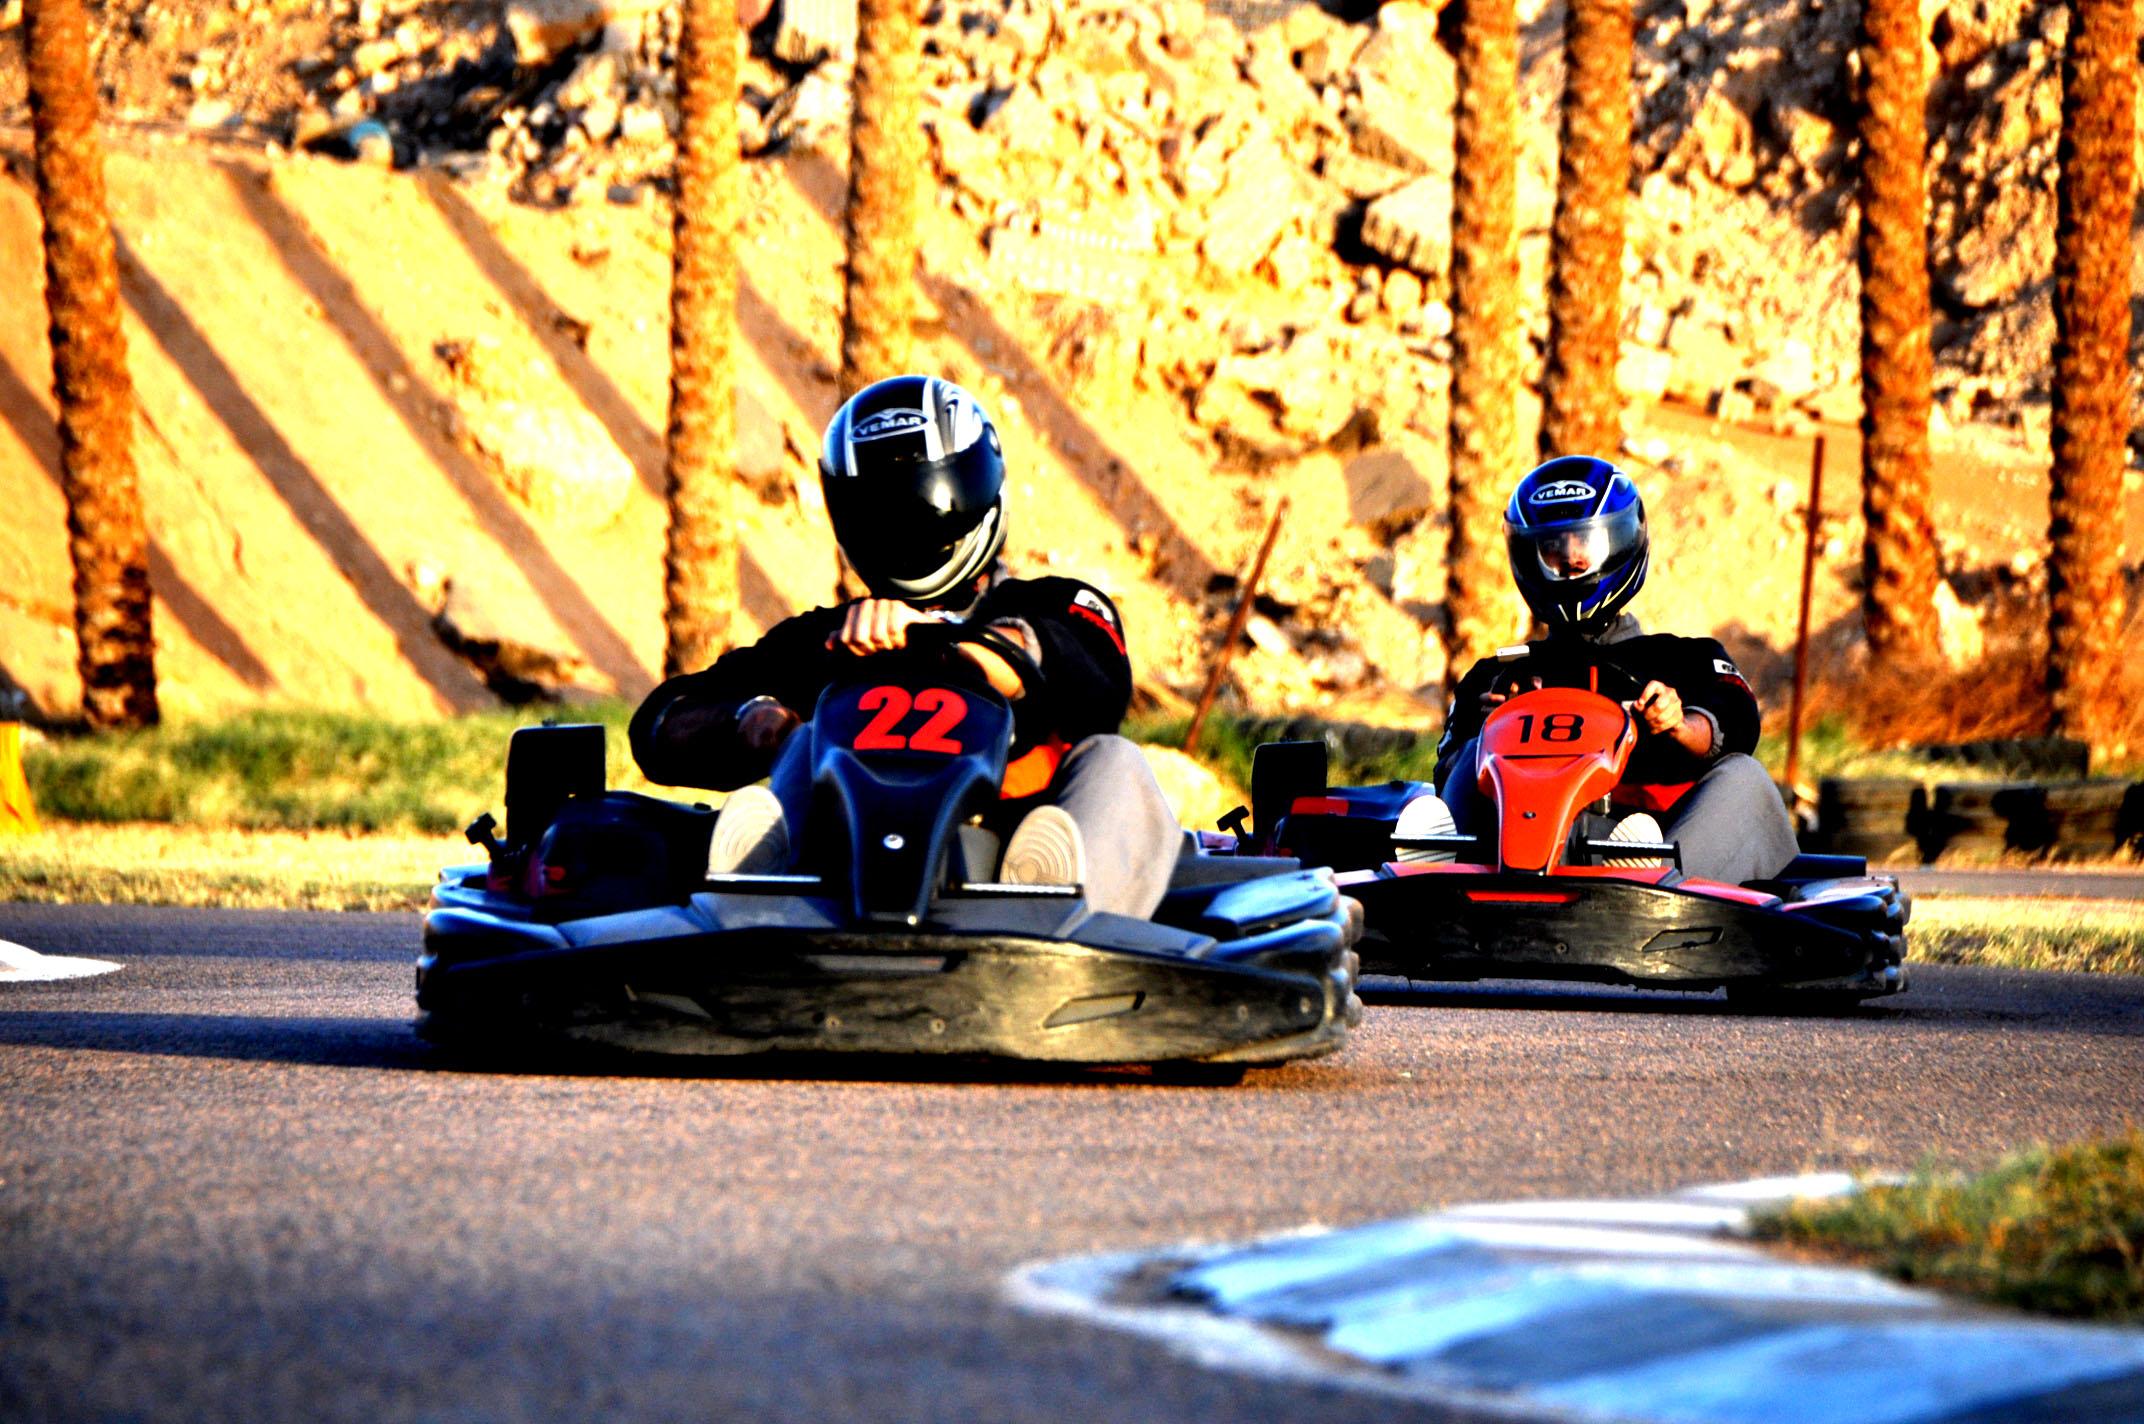 Weekly events at GHIBLI RACEWAY karting facility in Naama Bay